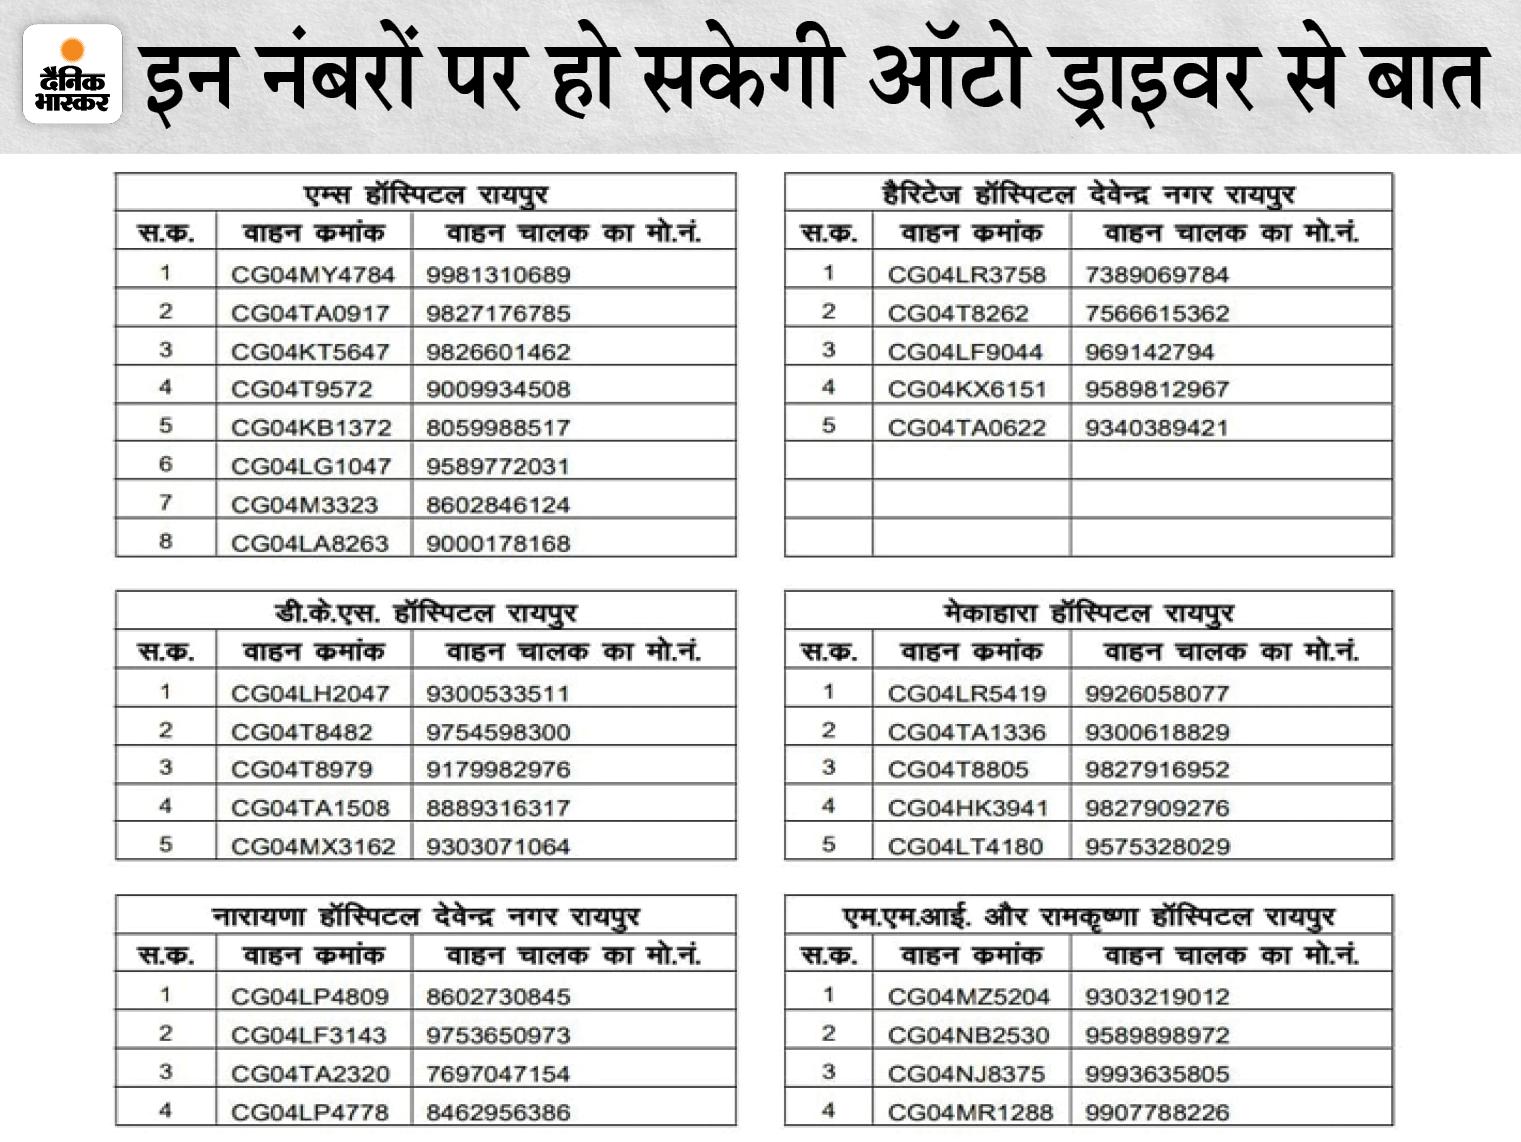 लॉकडाउन में अस्पताल में भर्ती परिजनों तक सुविधा पहुंचाने में हो रही थी दिक्कत; प्रशासन ने लगाया ऑटो रिक्शा, नंबर भी जारी किया|रायपुर,Raipur - Dainik Bhaskar